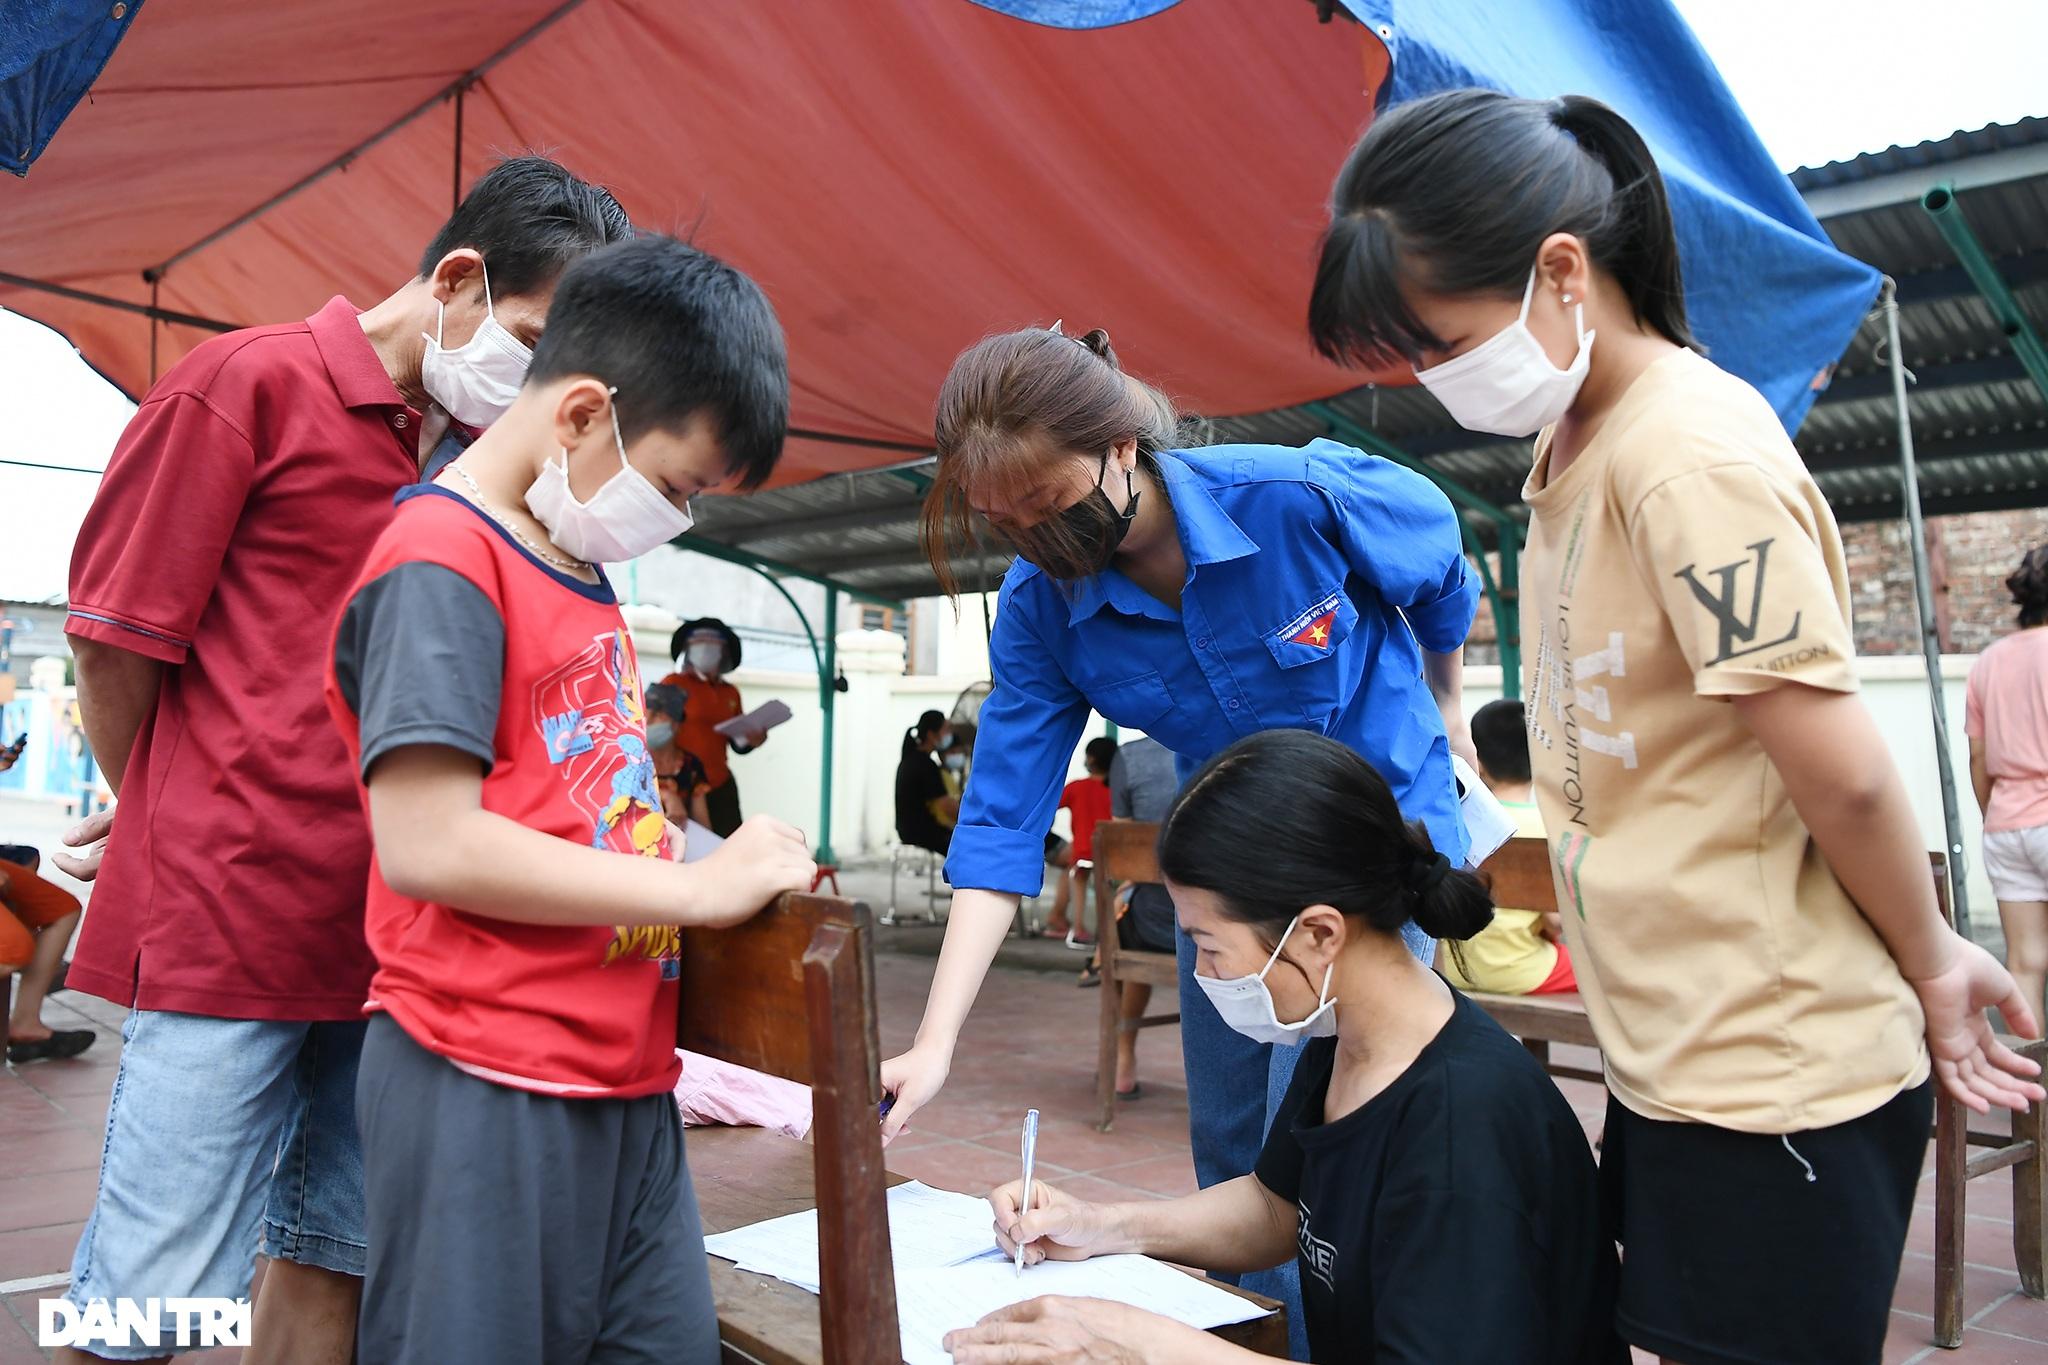 Cuộc sống khu dân cư cách ly ở Hà Nội: Cầu trời cho dịch bệnh qua nhanh - 16